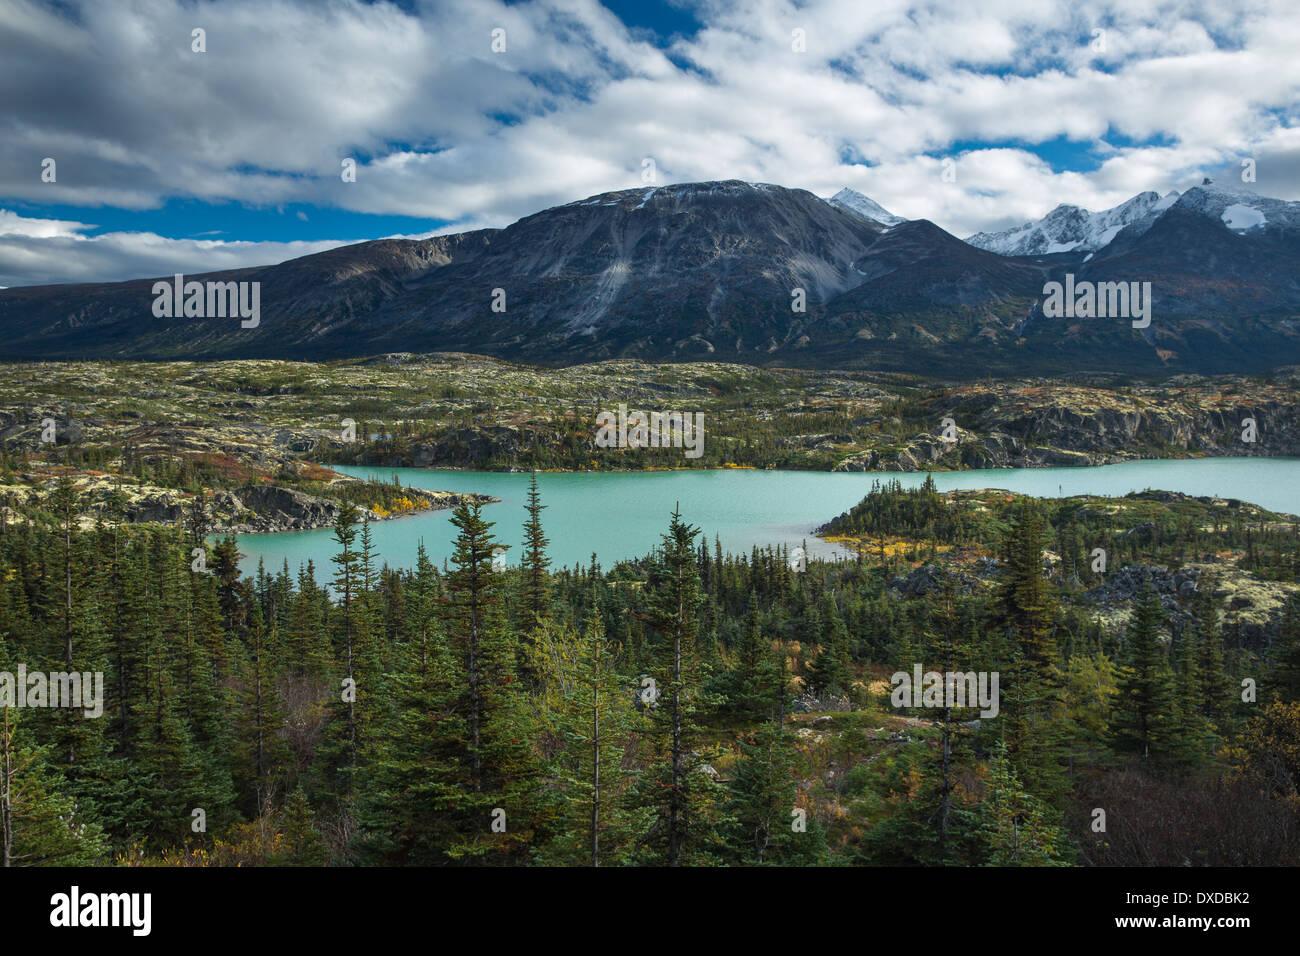 Las praderas alpinas en torno a Fraser, South Klondike Highway, British Columbia, Canadá Imagen De Stock